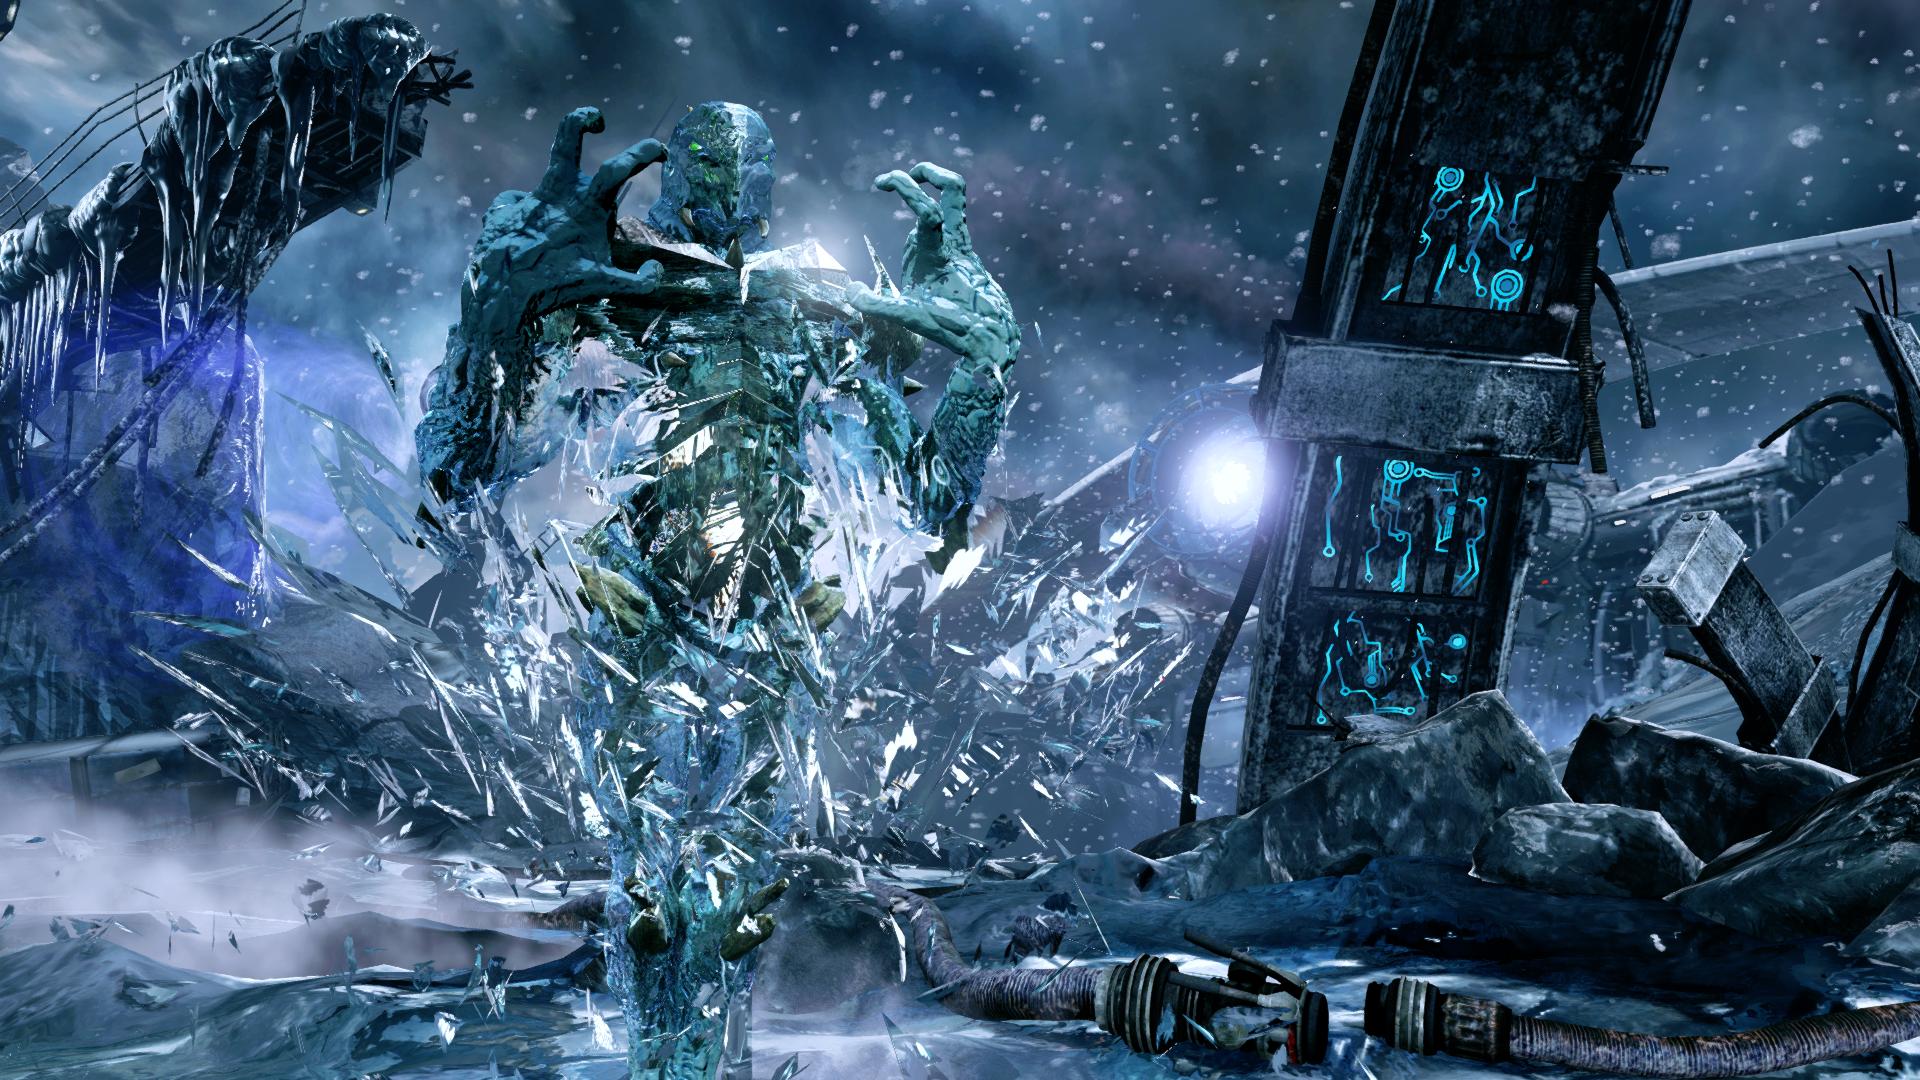 Glacius' Armor